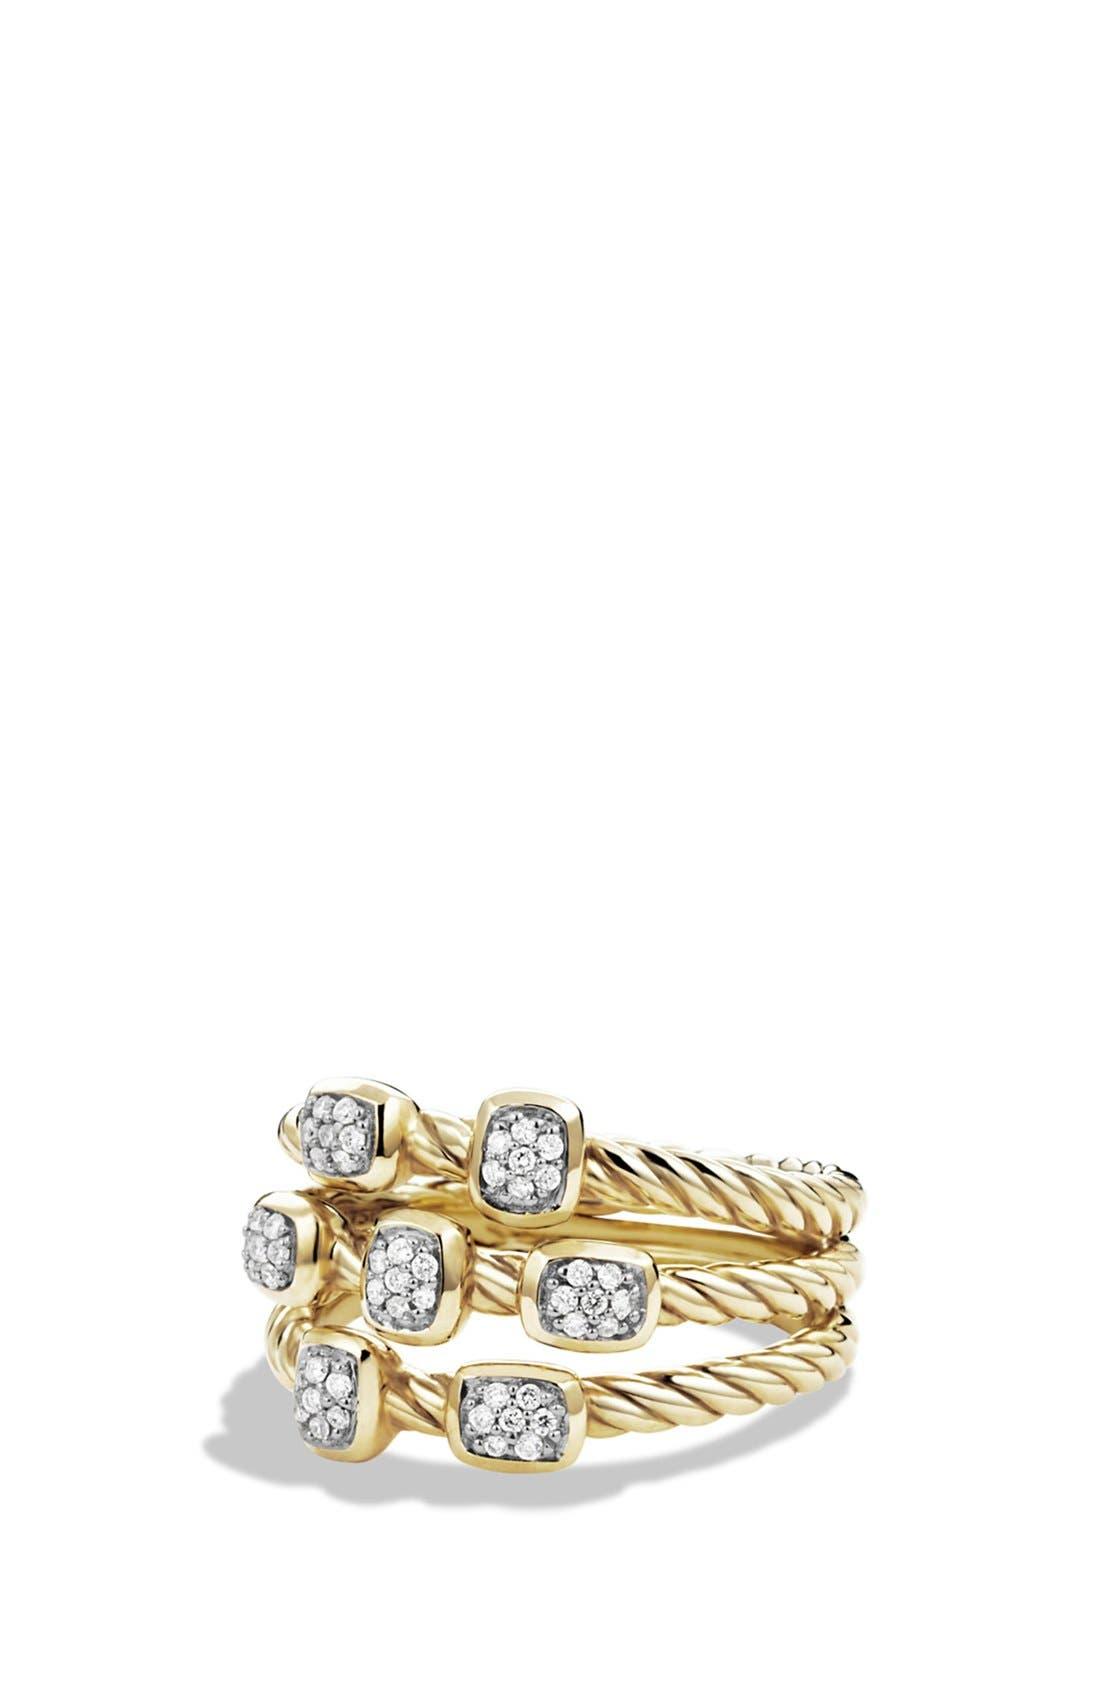 'Confetti' Ring with Diamonds in Gold,                         Main,                         color, DIAMOND